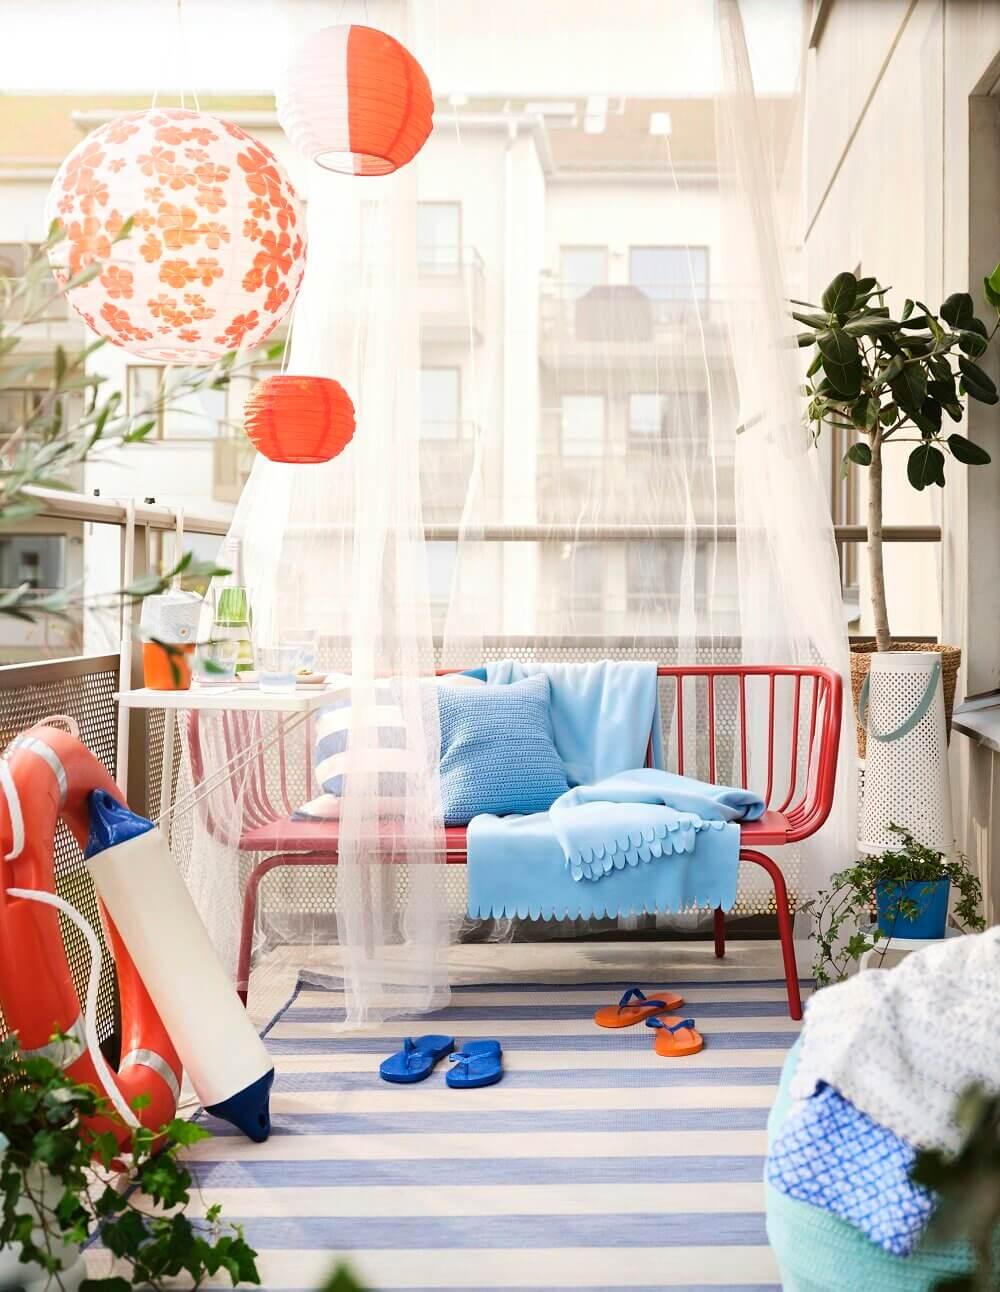 IKEA Summer Collection 2021: Balcony & Garden Inspiration